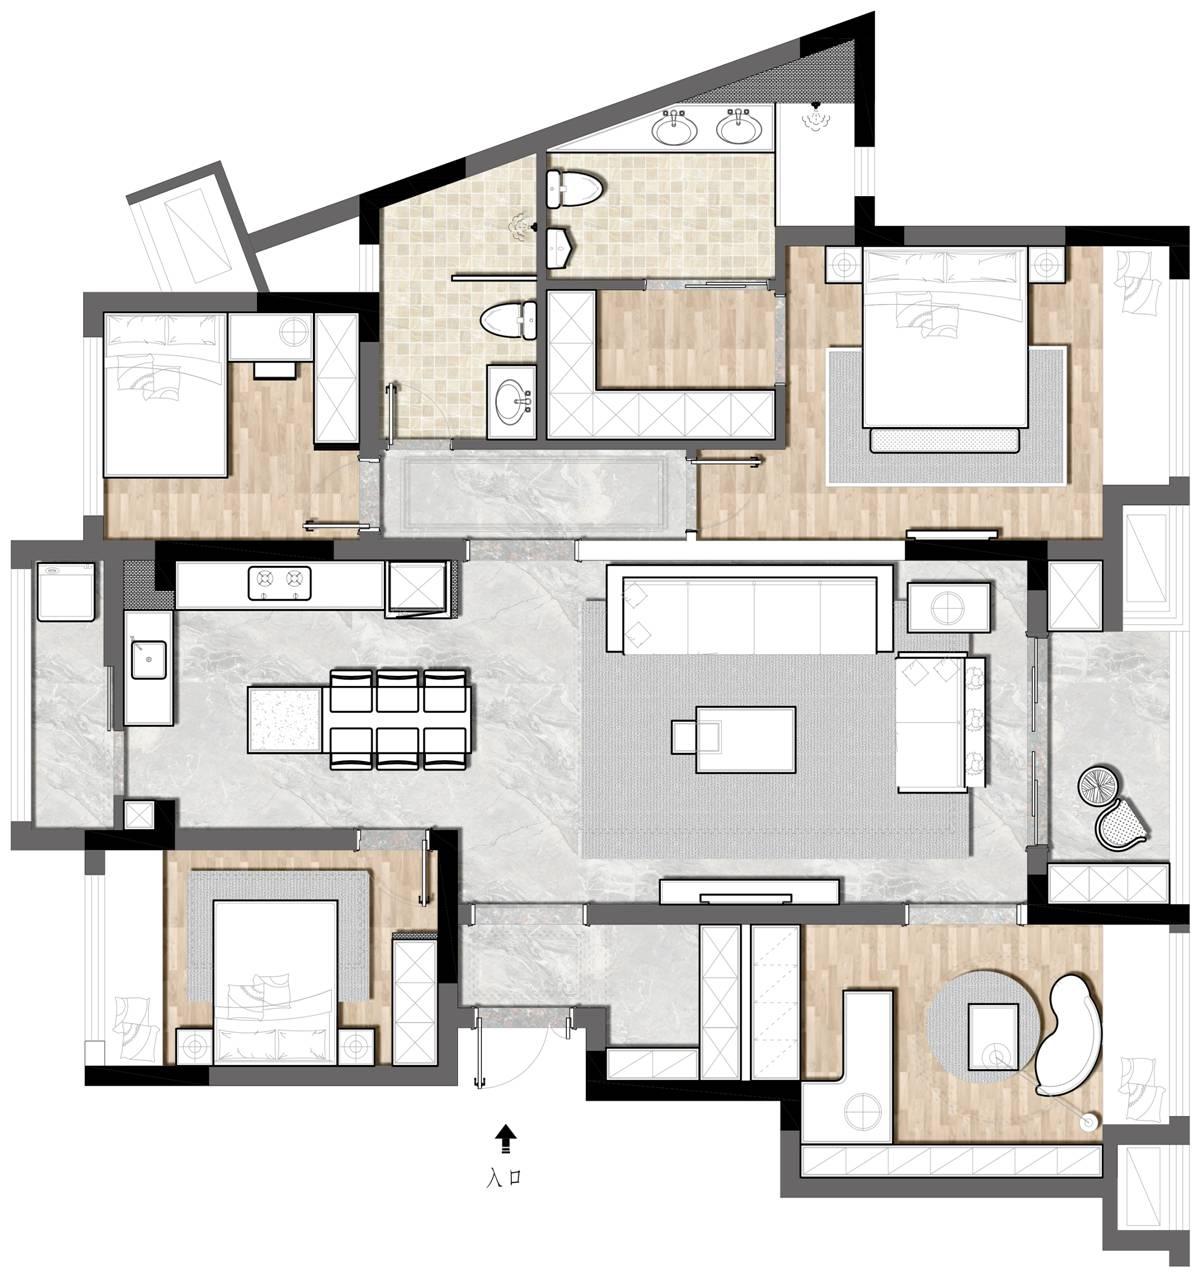 龙湖九里晴川124平米现代风格装修设计理念